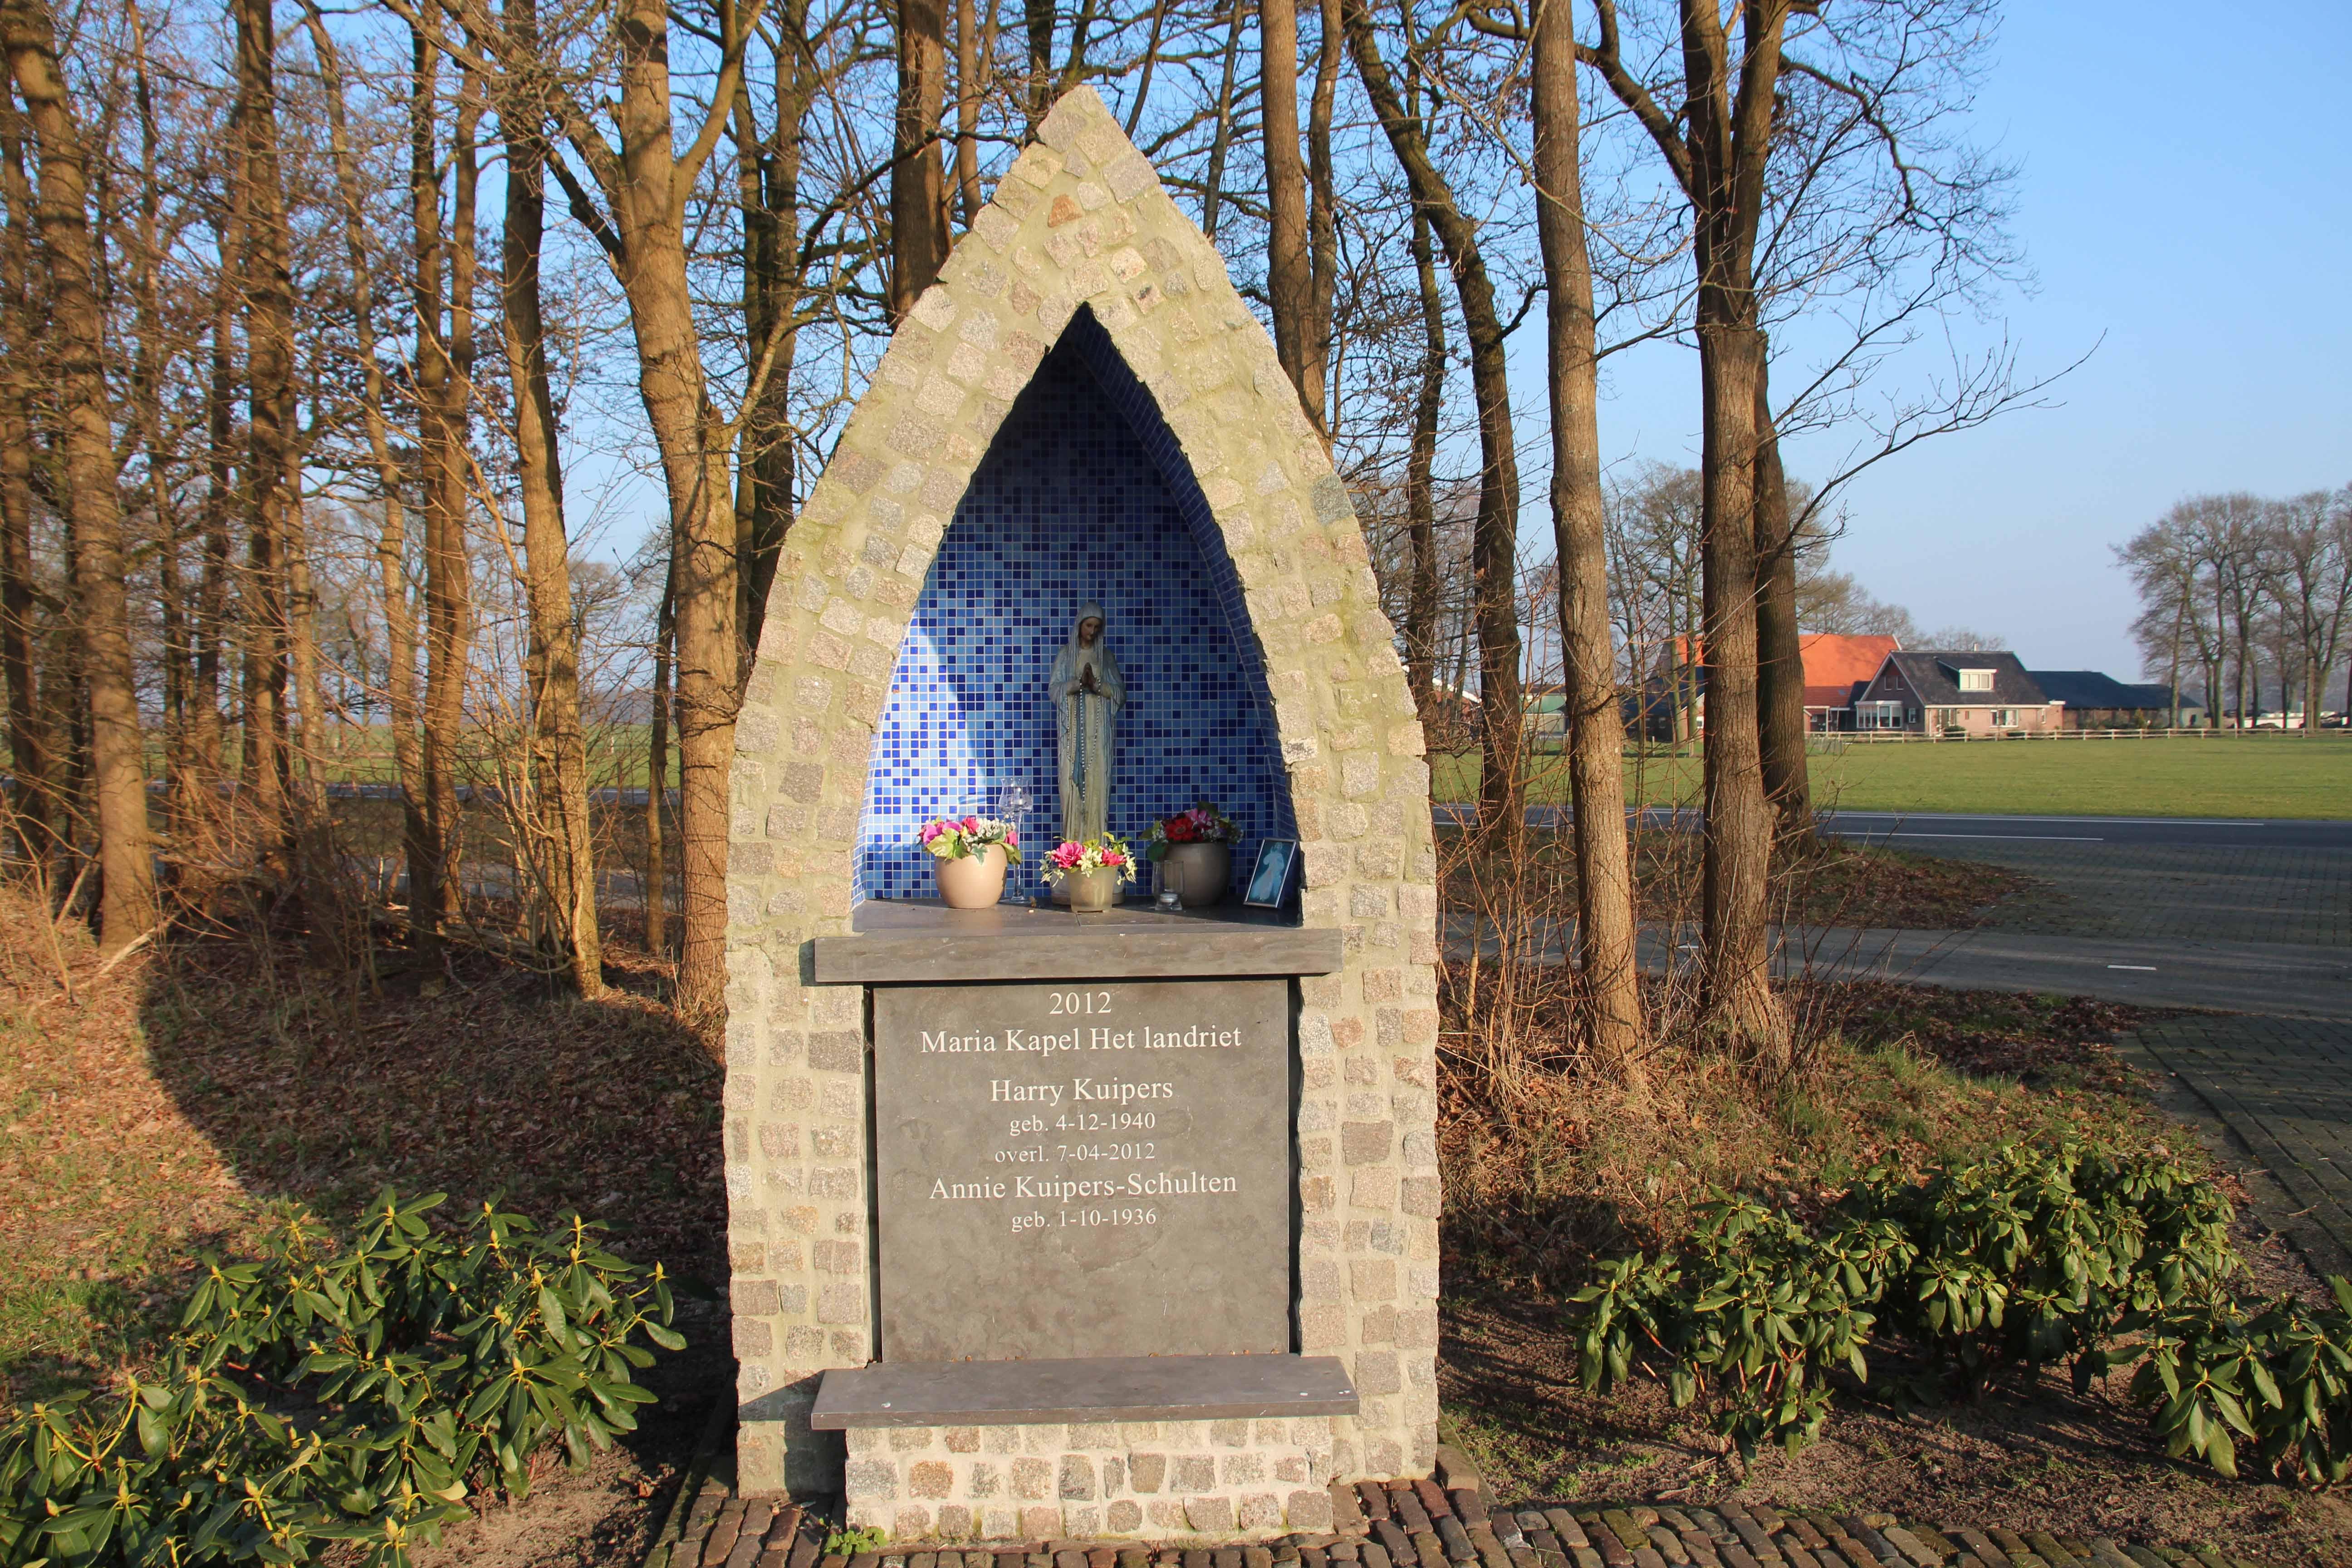 115. Mariakapel Landriet in Geesteren